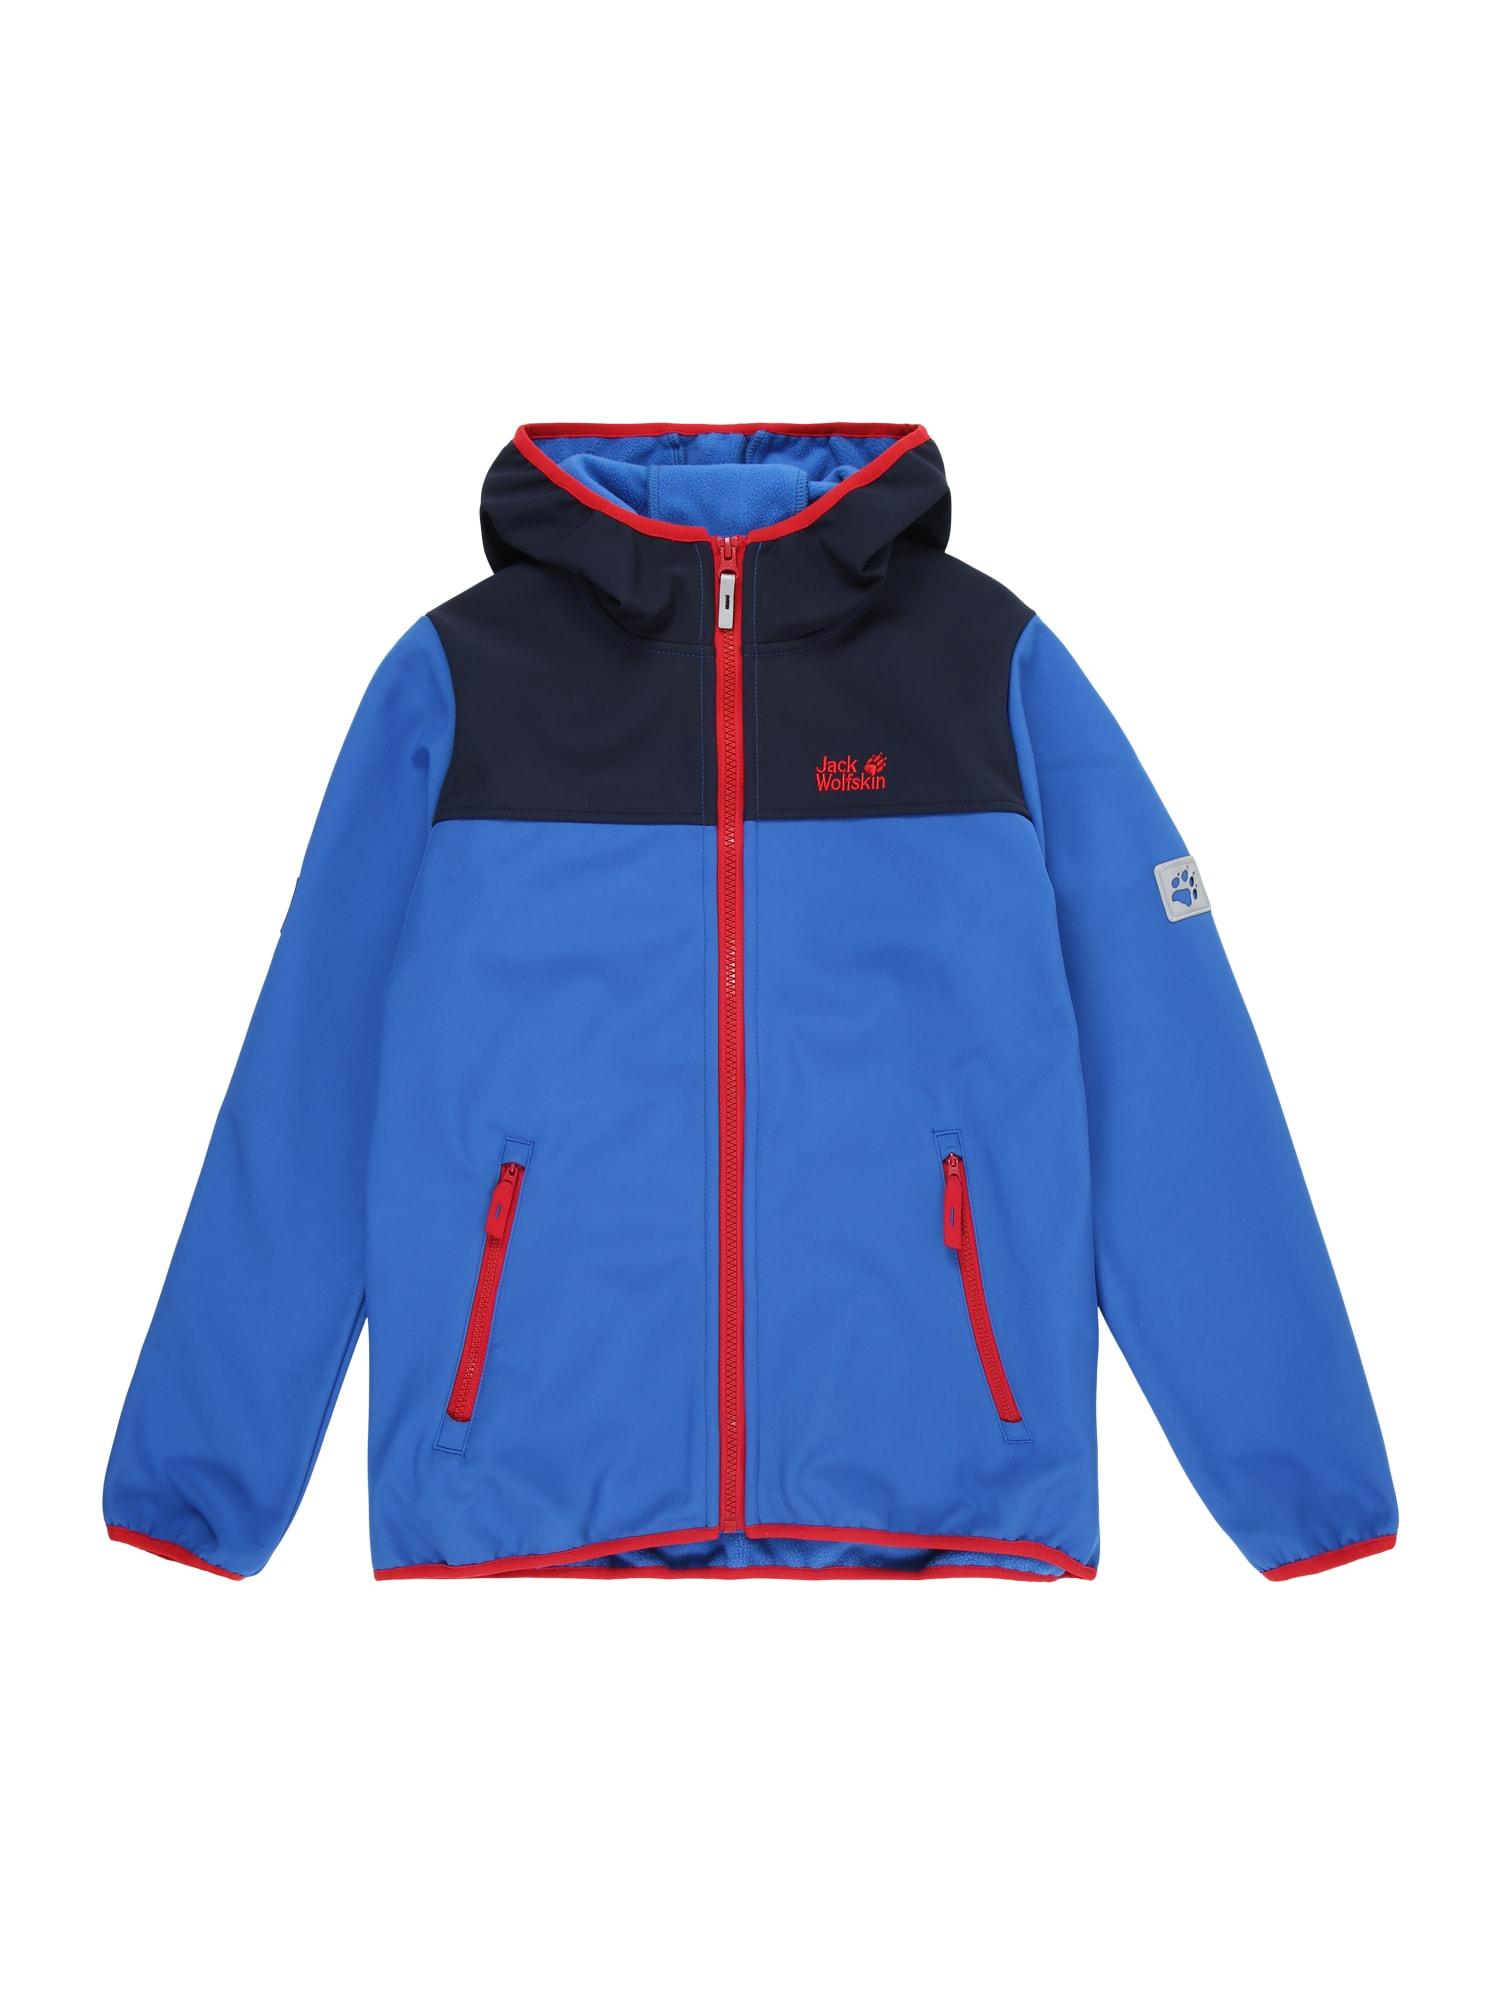 JACK WOLFSKIN Outdoorová bunda 'FOUR WINDS'  modrá / tmavomodrá / červená